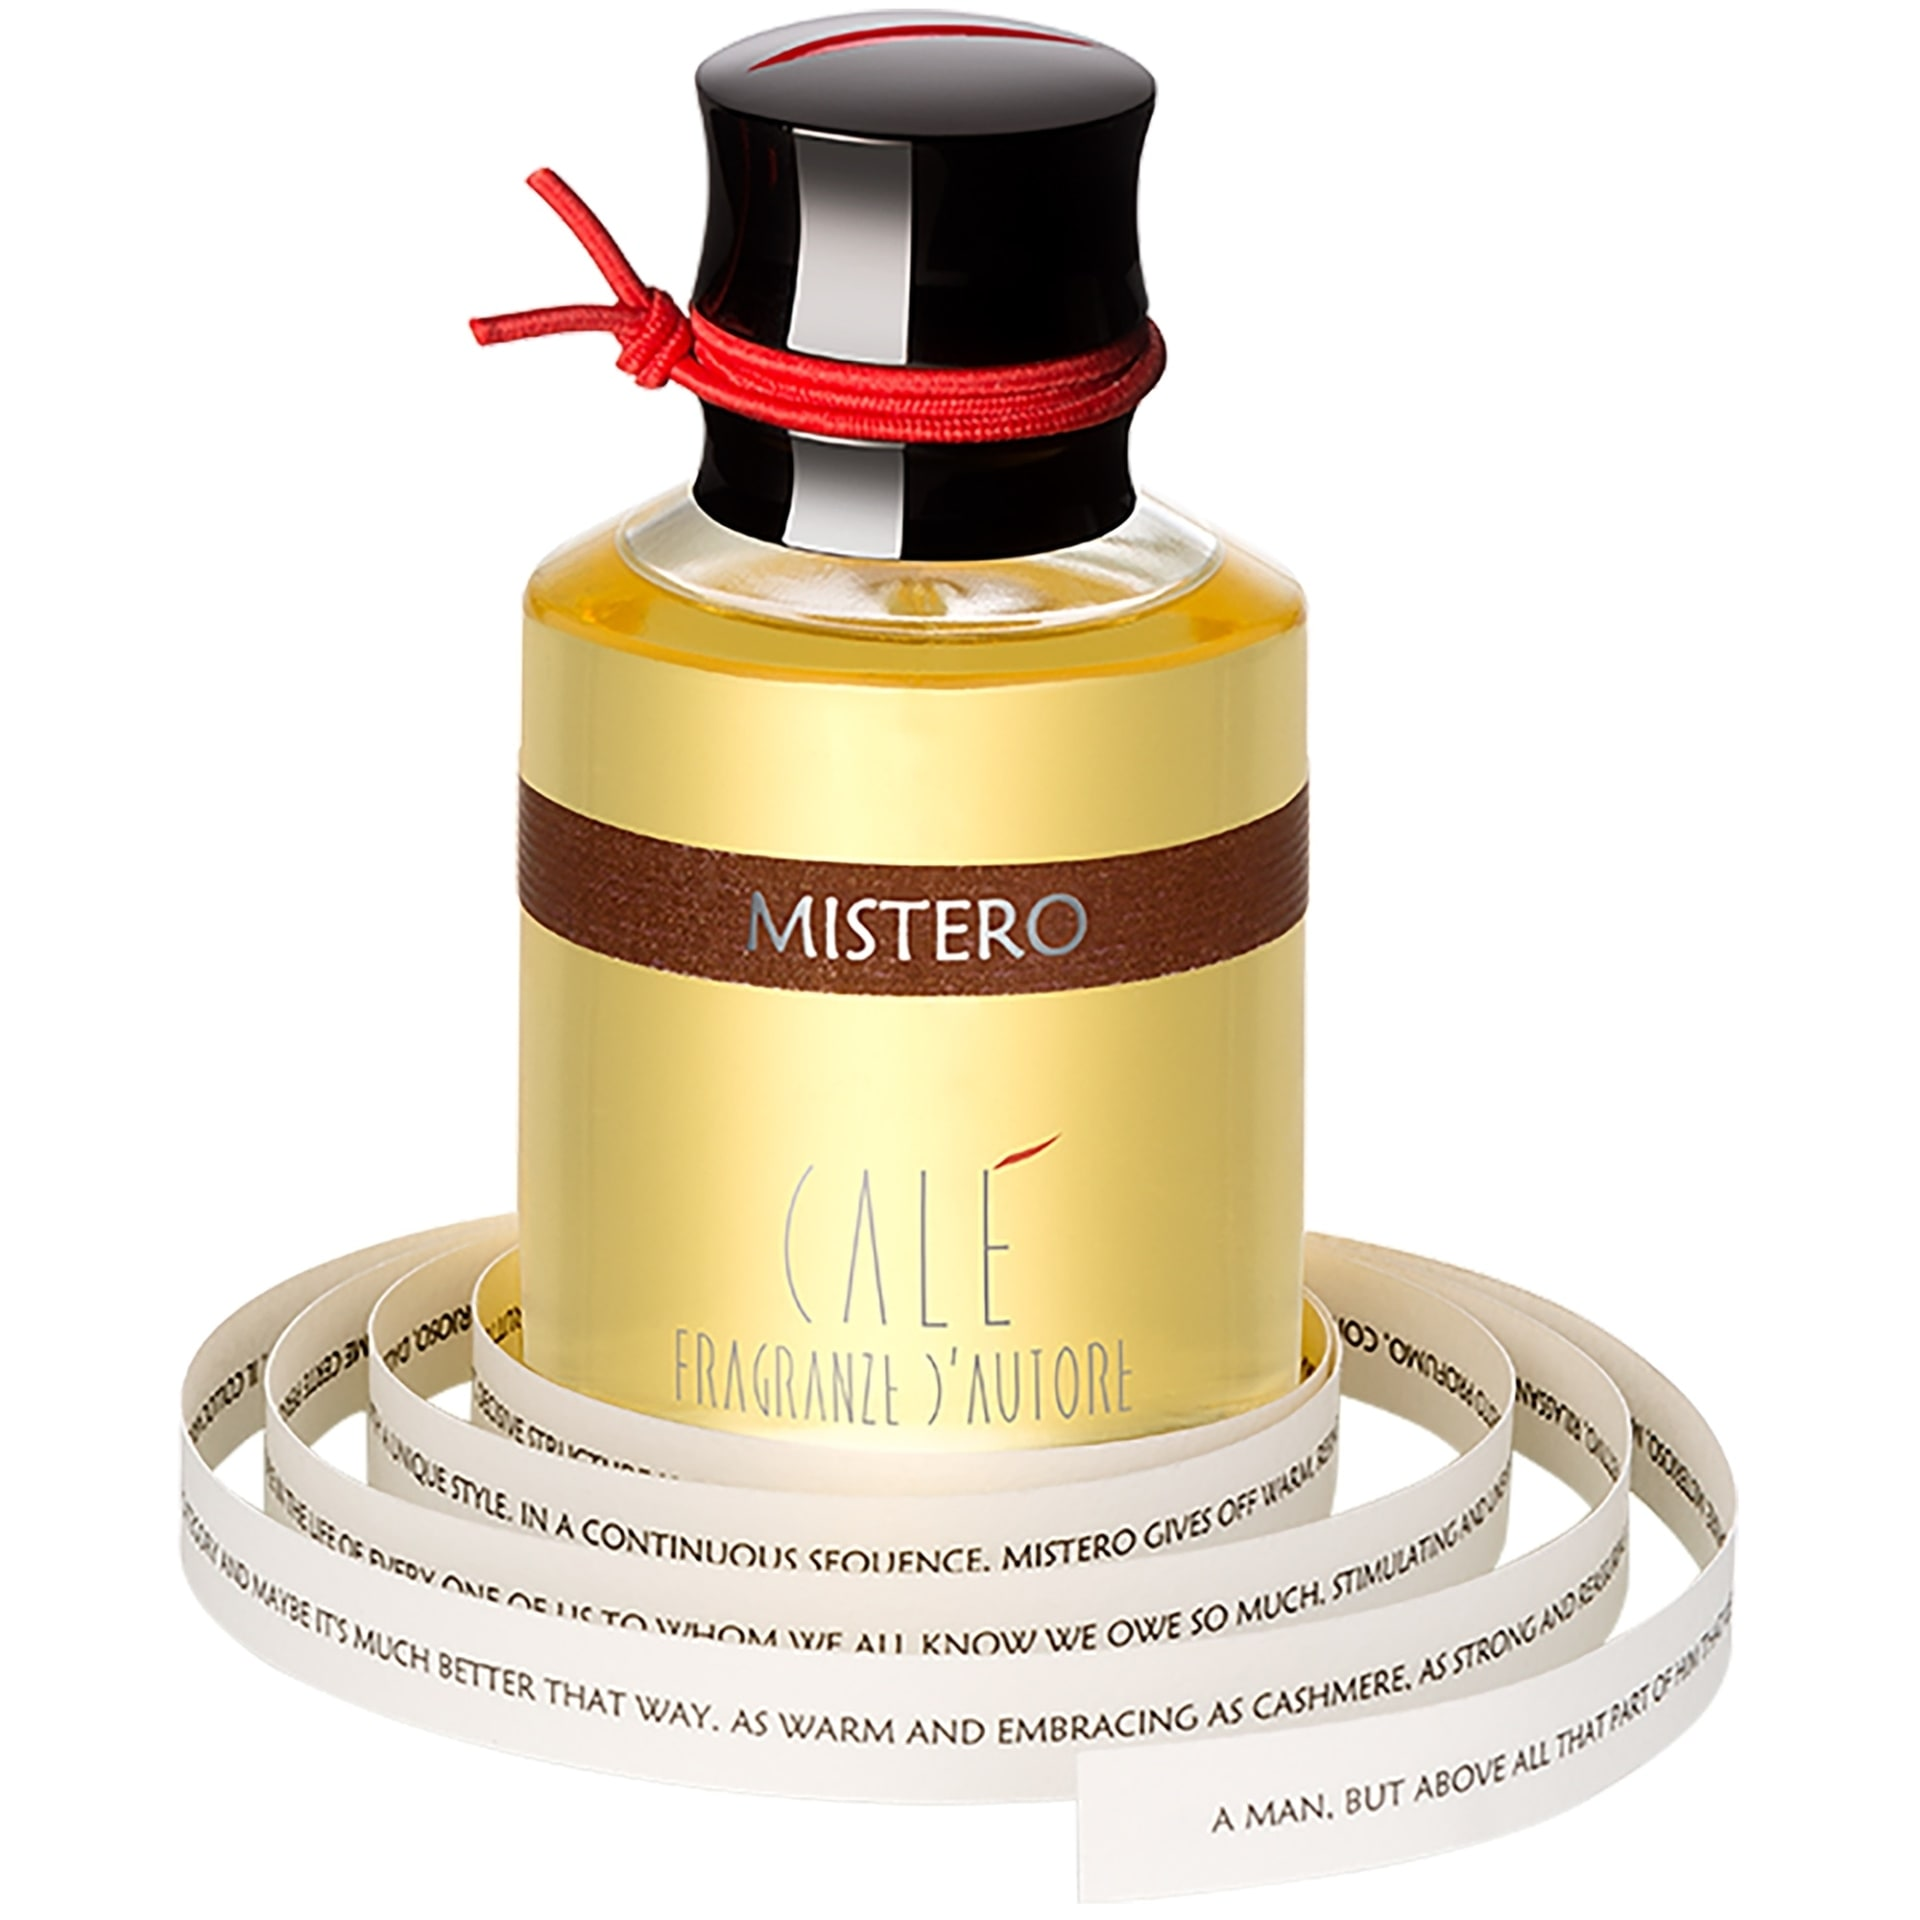 cale-fragranze-dautore-mistero-3